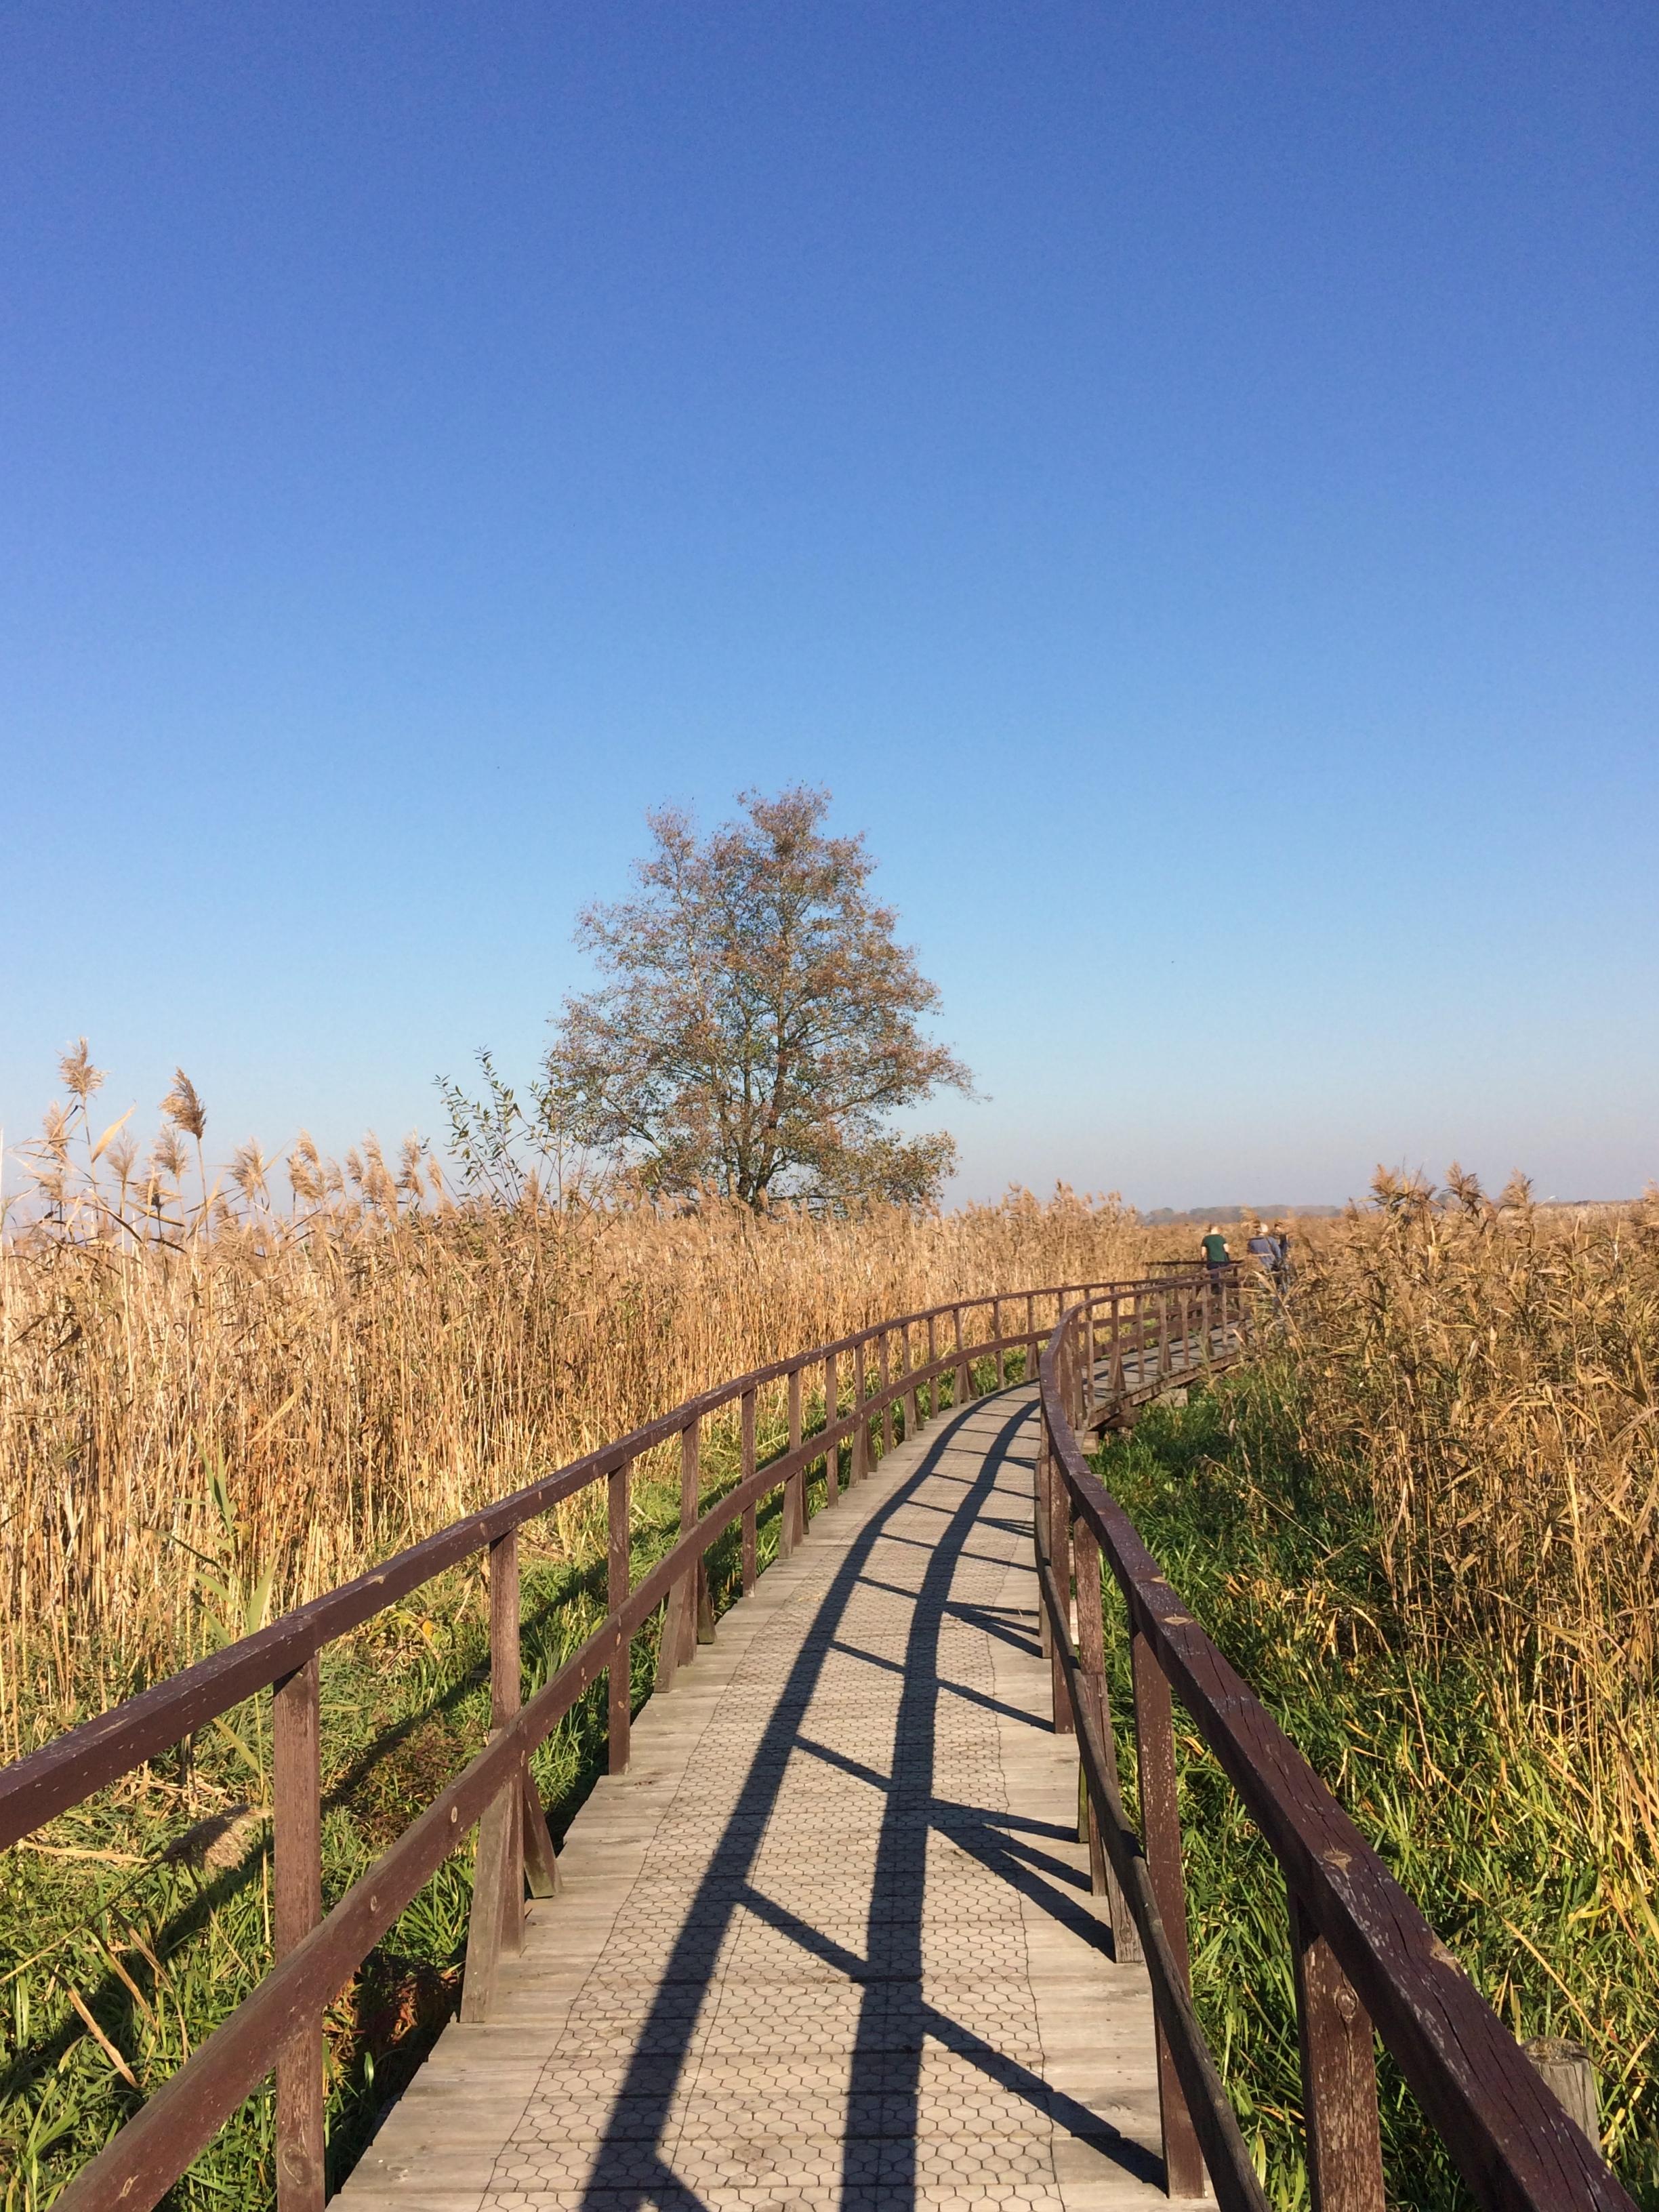 Kładka wśród bagien (kładka koło Kurowa) - Kładki na Podlasiu